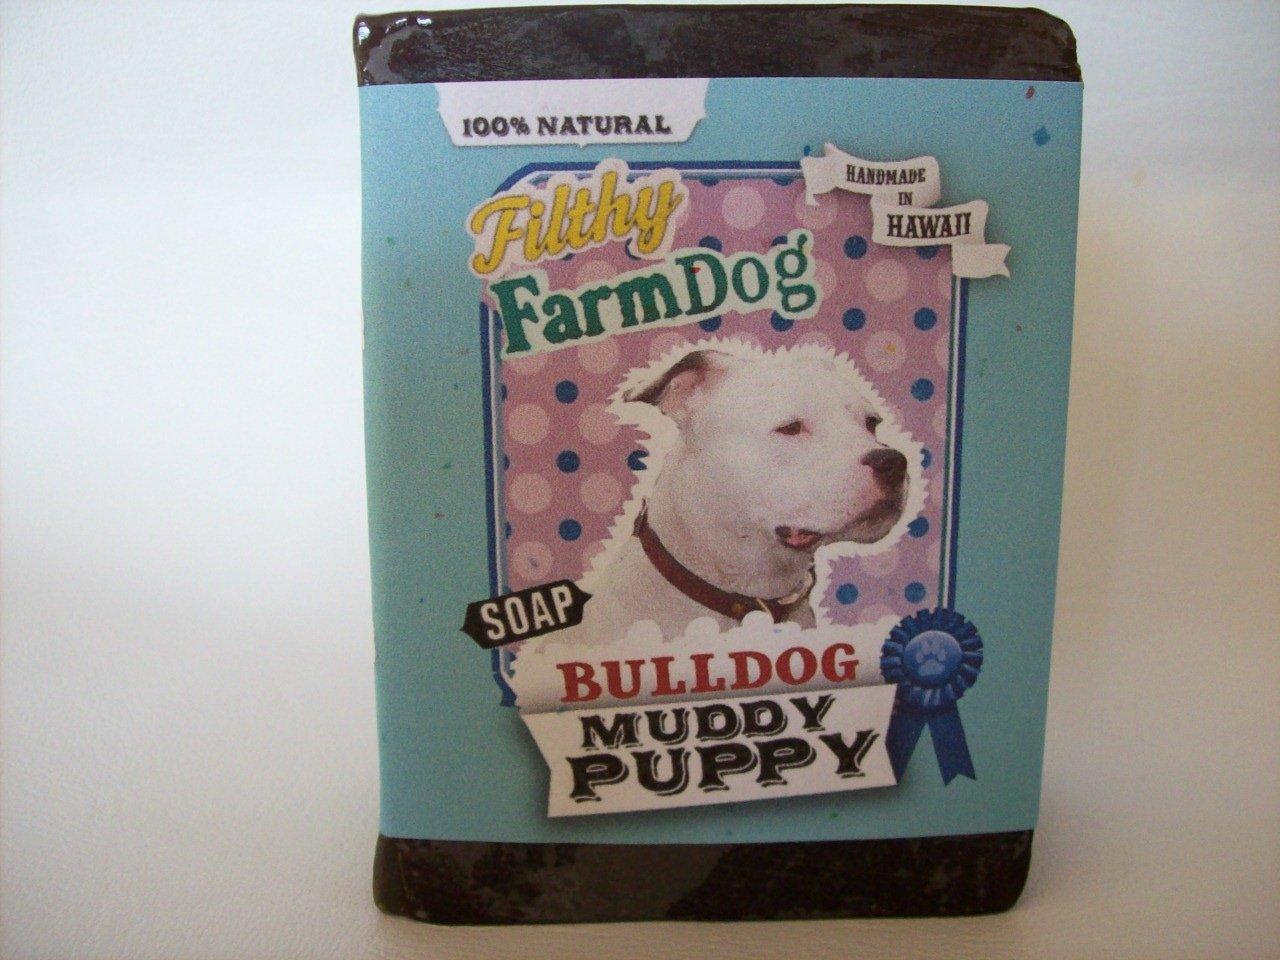 Filthy Farmdog Soap Bulldog Muddy Puppy